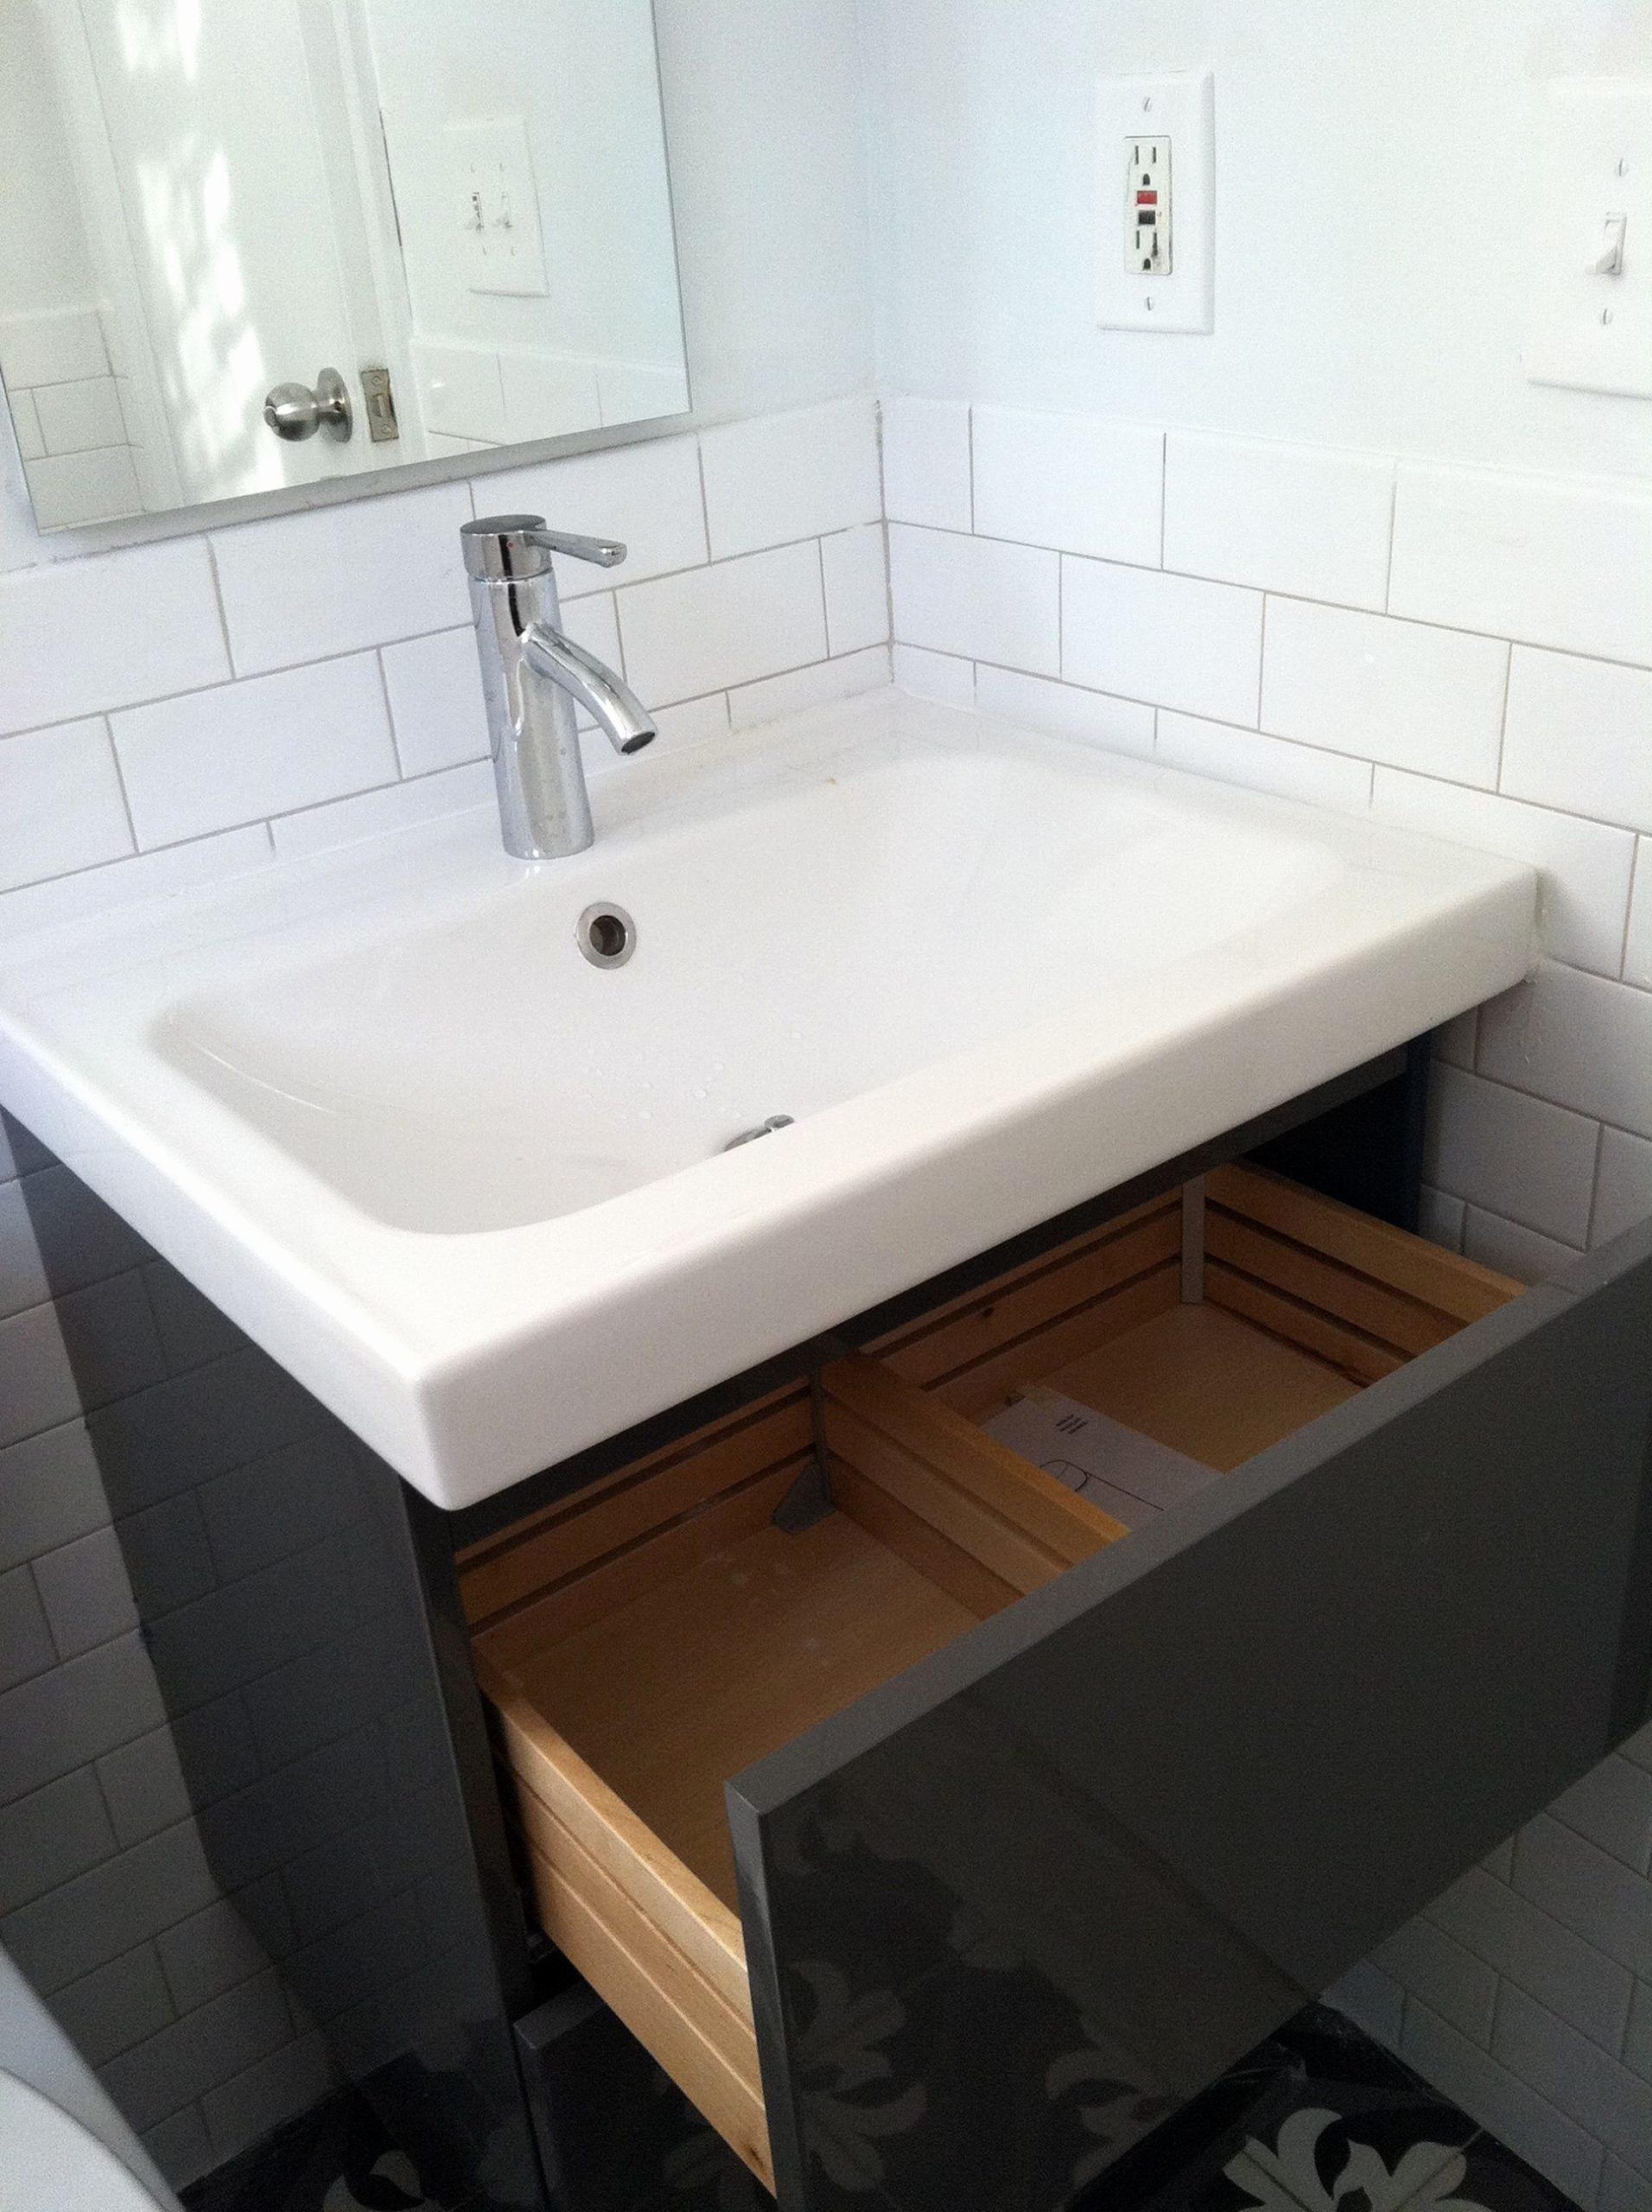 Ikea 24 Inch Bathroom Vanity Lovely 25 Ikea Bathroom Vanities With Tops For Amazing Bathroom